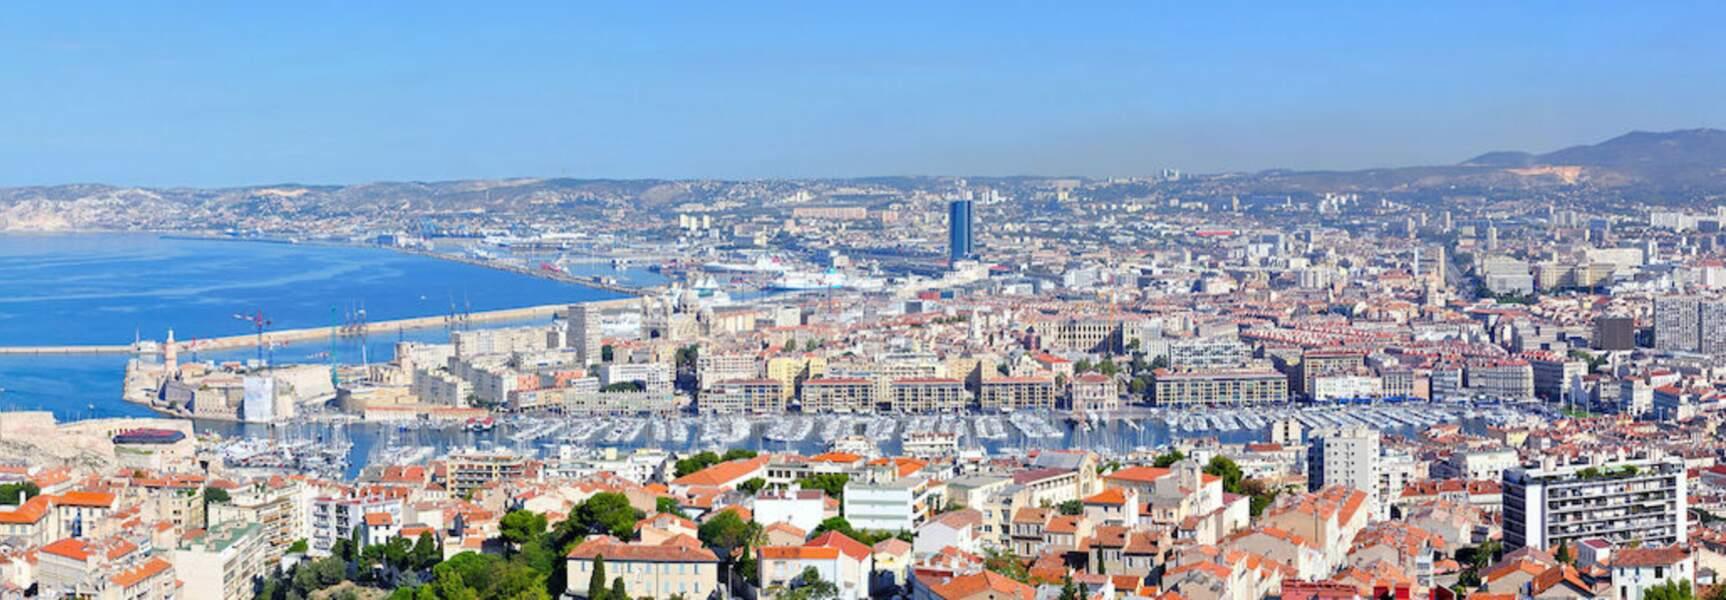 7.Marseille